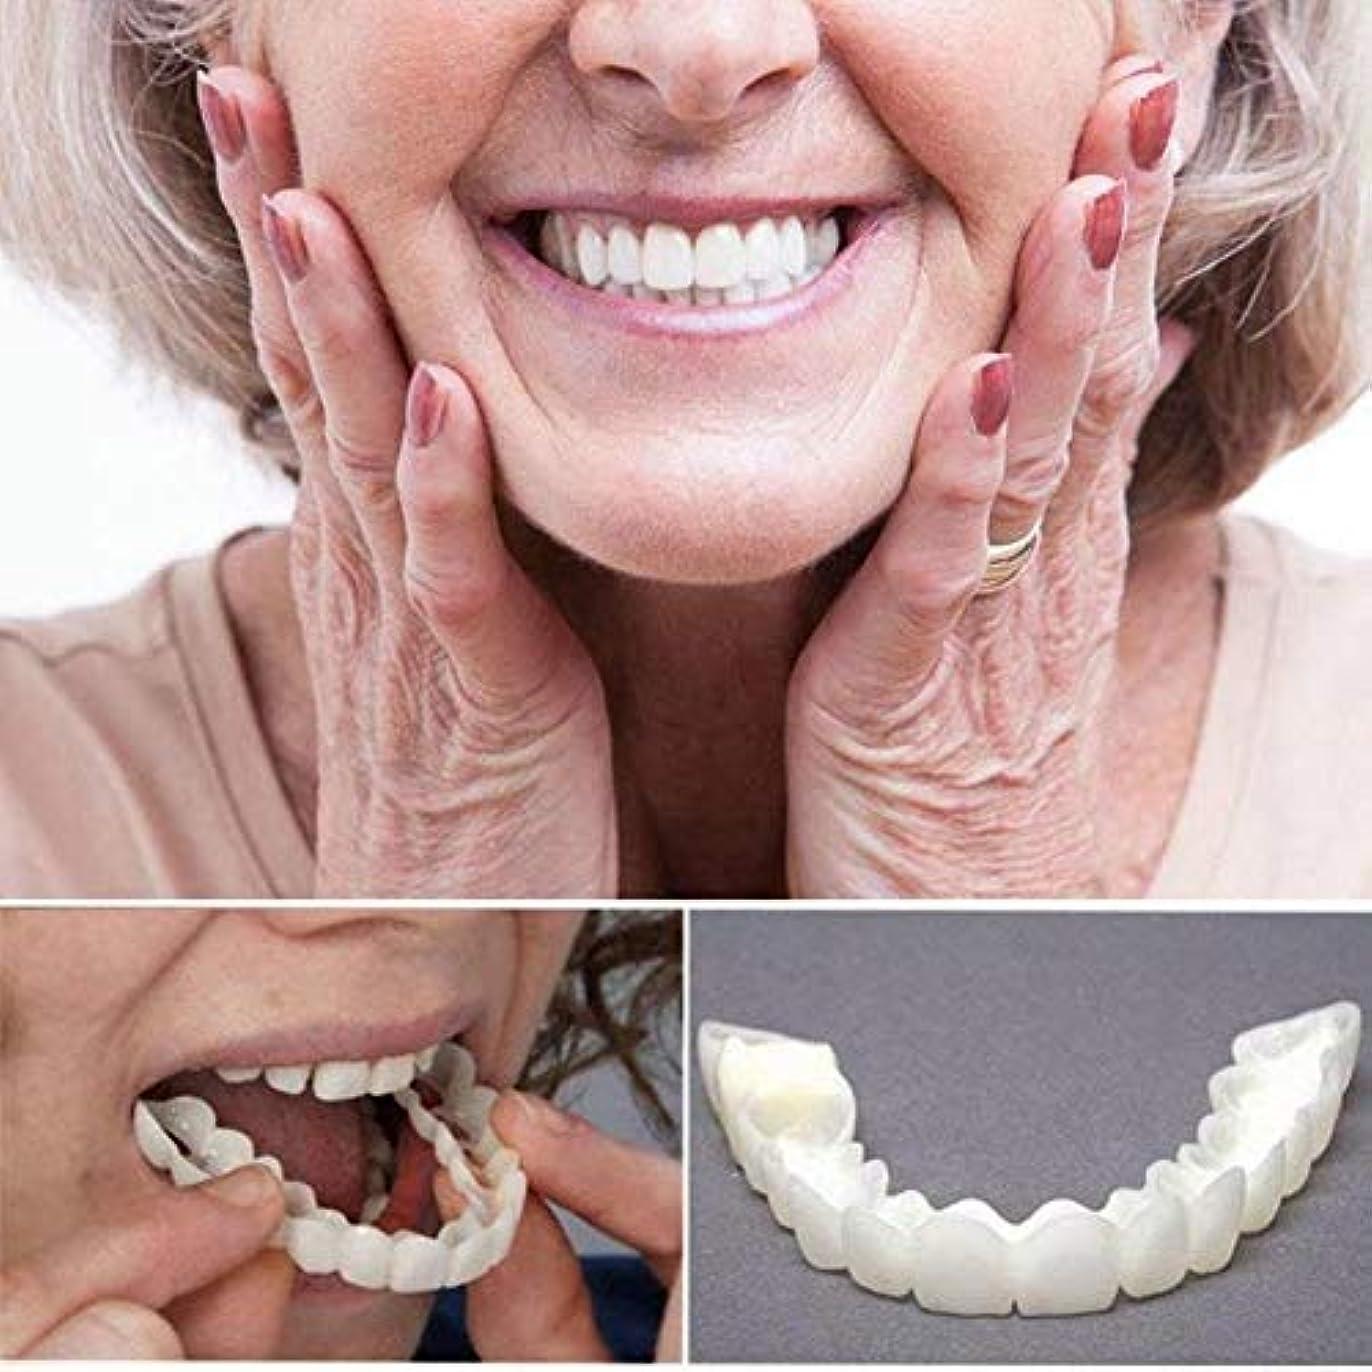 カプラーうんマンハッタン化粧品の歯、白い歯をきれいにするためのコンフォートフィットフレックスティースソケット、スーパーコンフォート、コンフォートフィット、1セット.